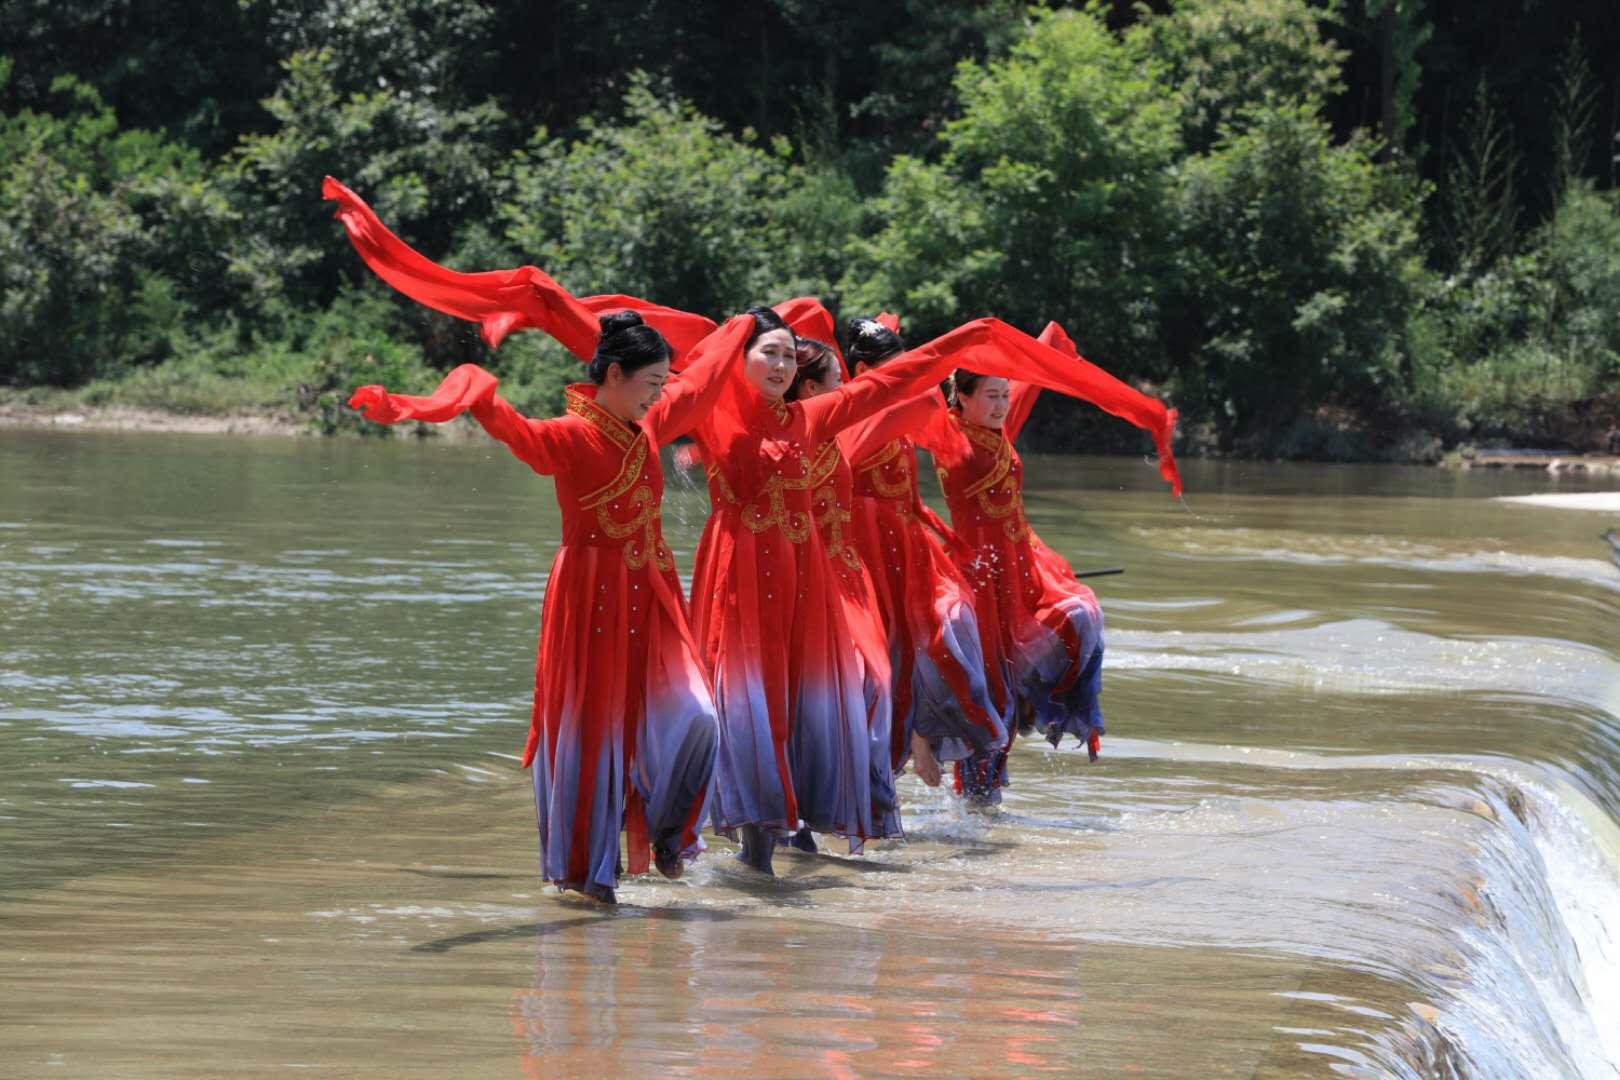 信阳商城:独特的地域文化和风土人情吸引游客纷至沓来